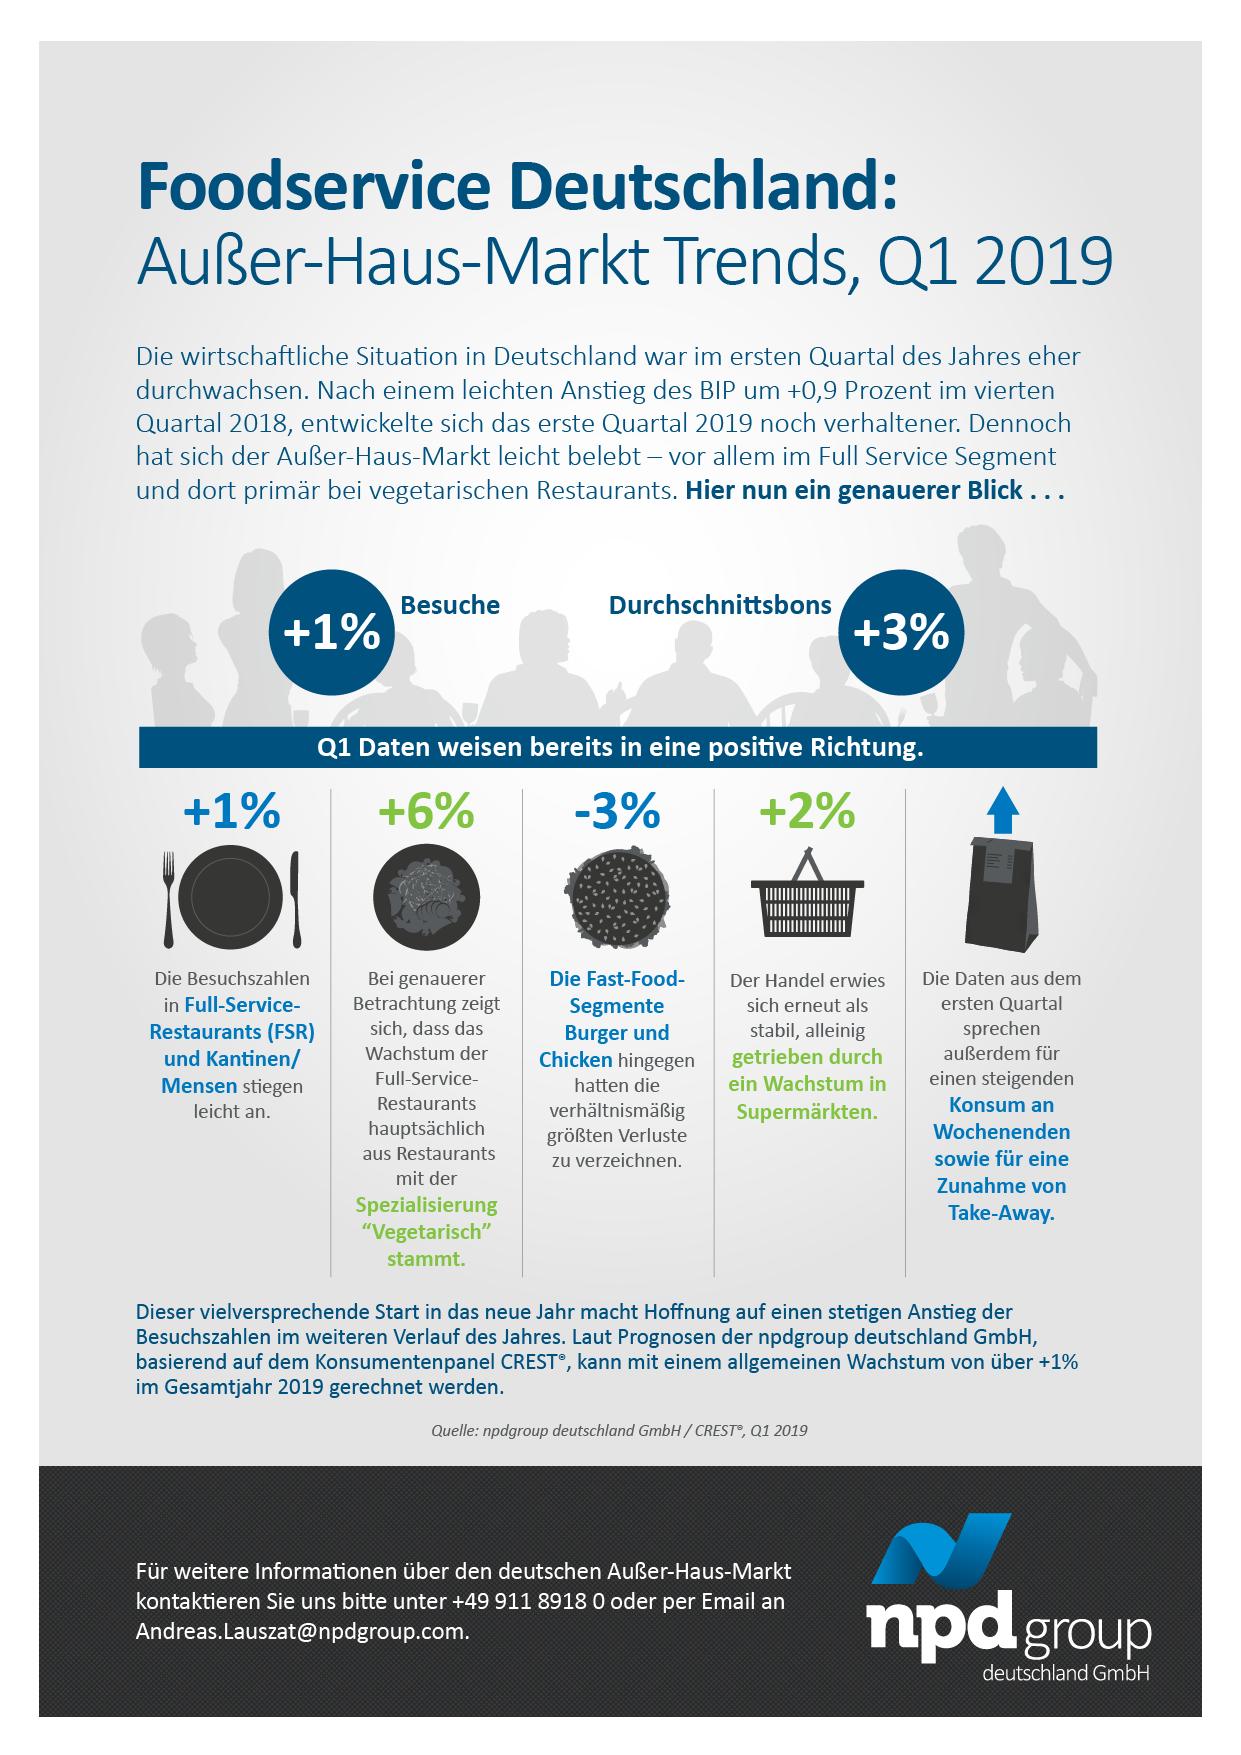 Die wirtschaftliche Situation in Deutschland war im ersten Quartal des Jahres eher durchwachsen.